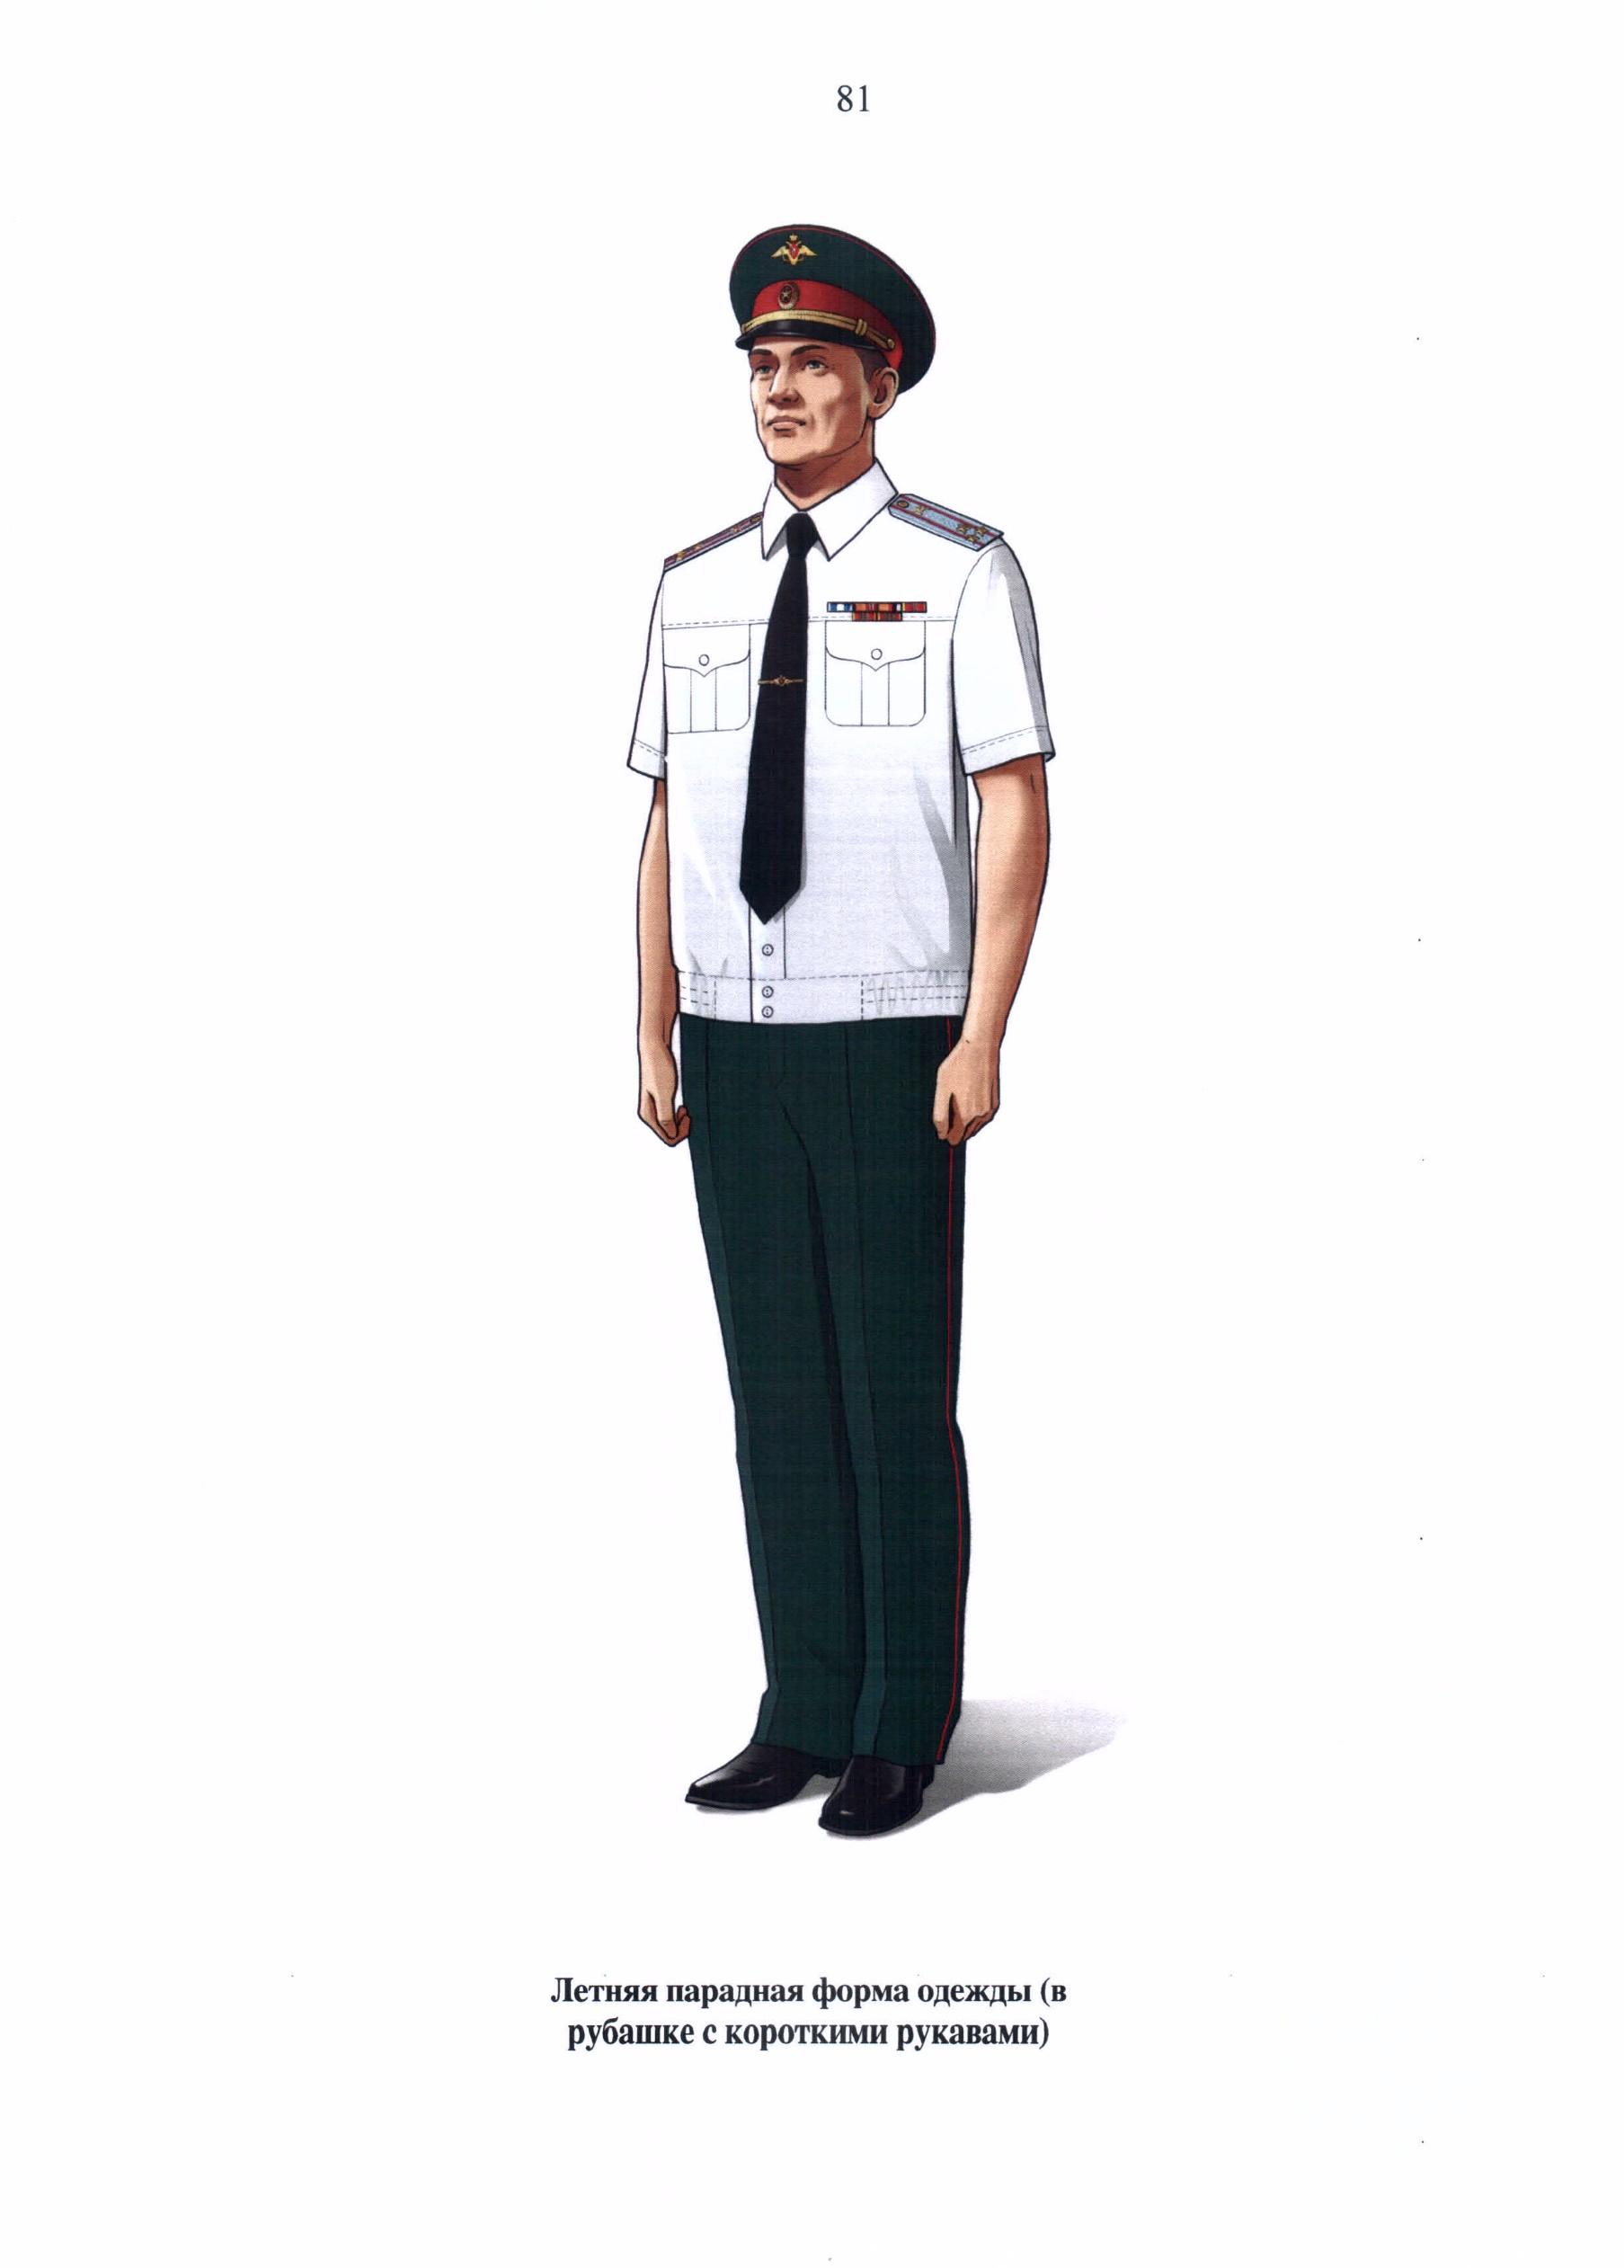 C:\Users\User\Desktop\Приказ МО РФ от 22.06.2015 г. № 300 Правила ношения военной формы одежды\180016.JPG